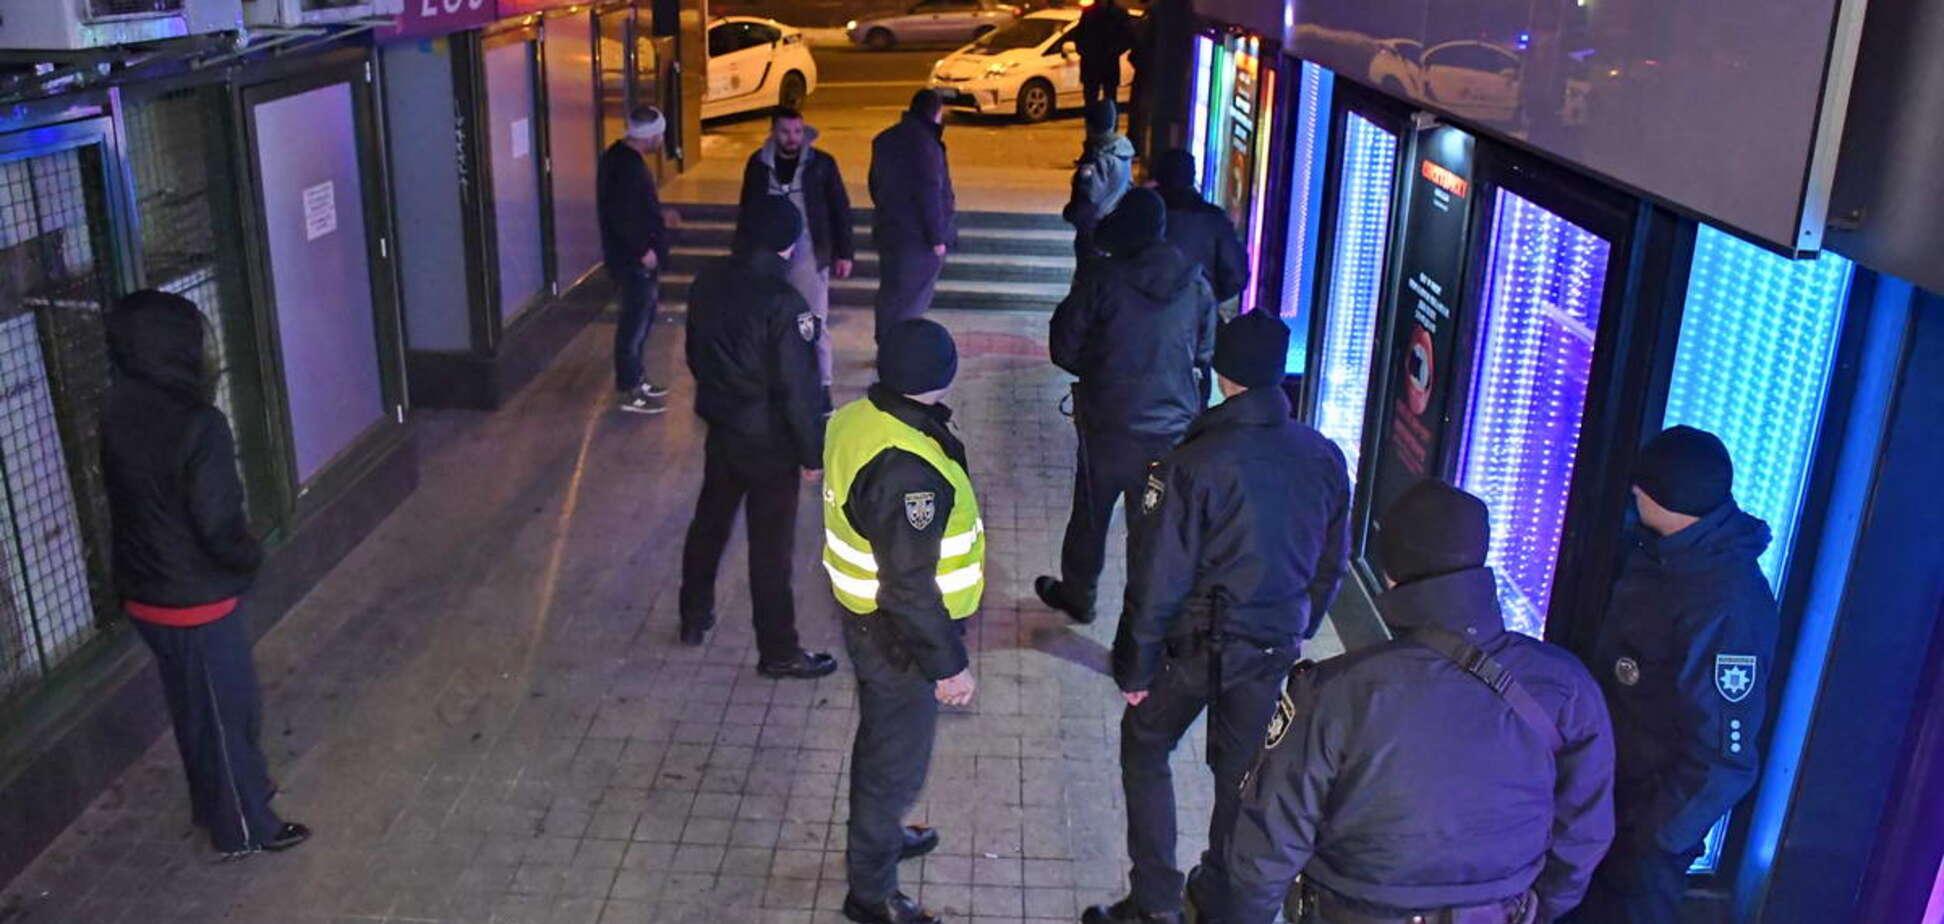 В центре Киева произошла стрельба: есть пострадавшие. Опубликованы фото и видео